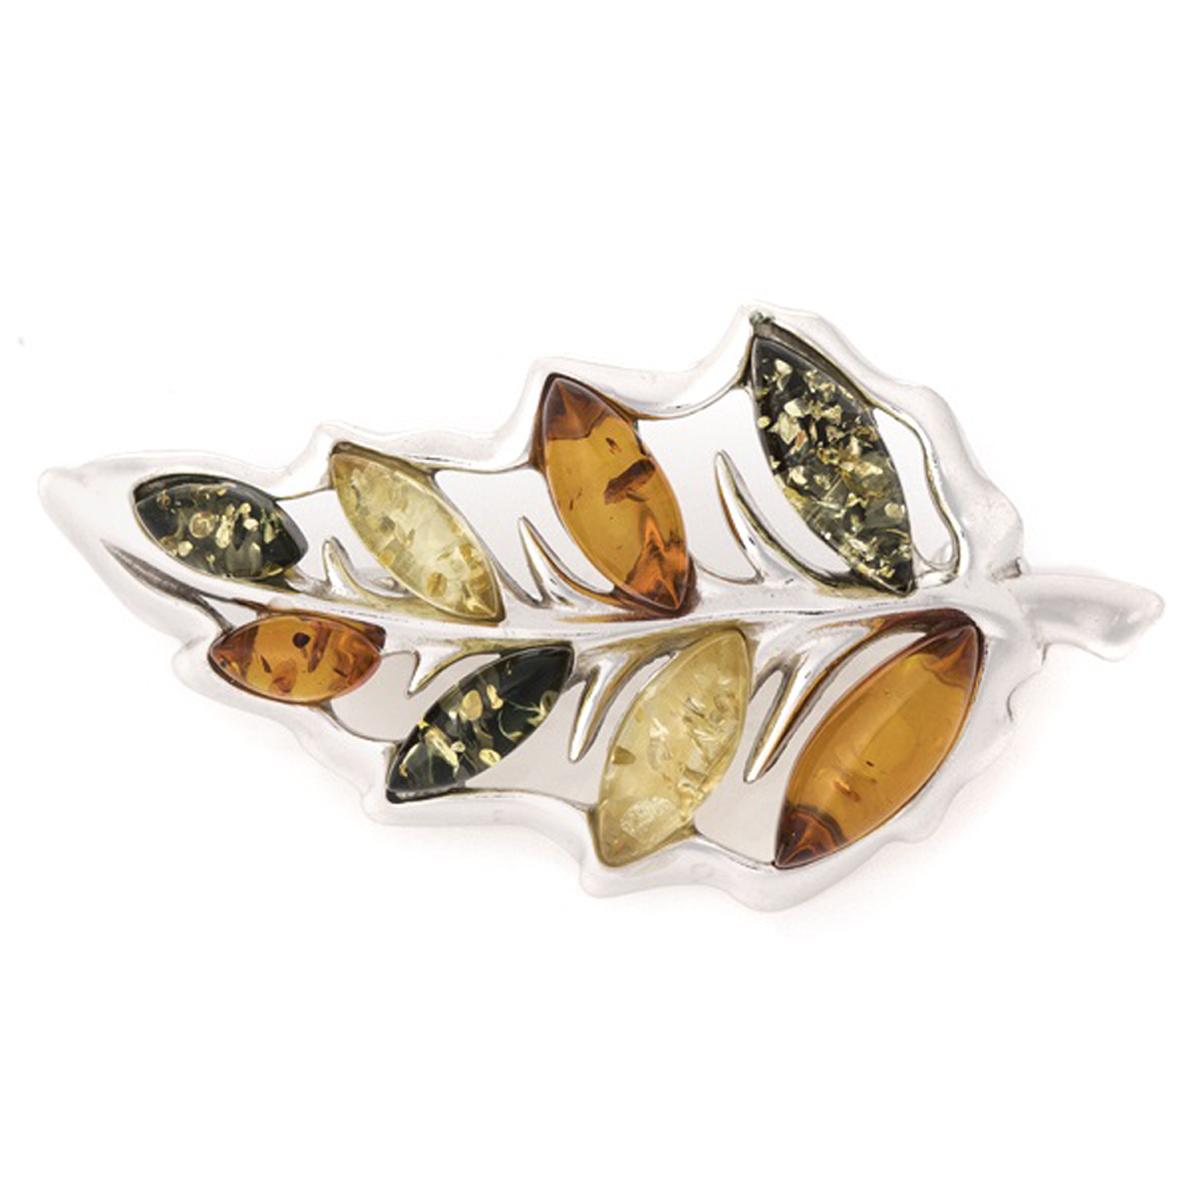 Broche Argent \'Inspiration\' ambre 3 tons argenté (rhodié) - 40x20 mm (feuille) - [R5518]